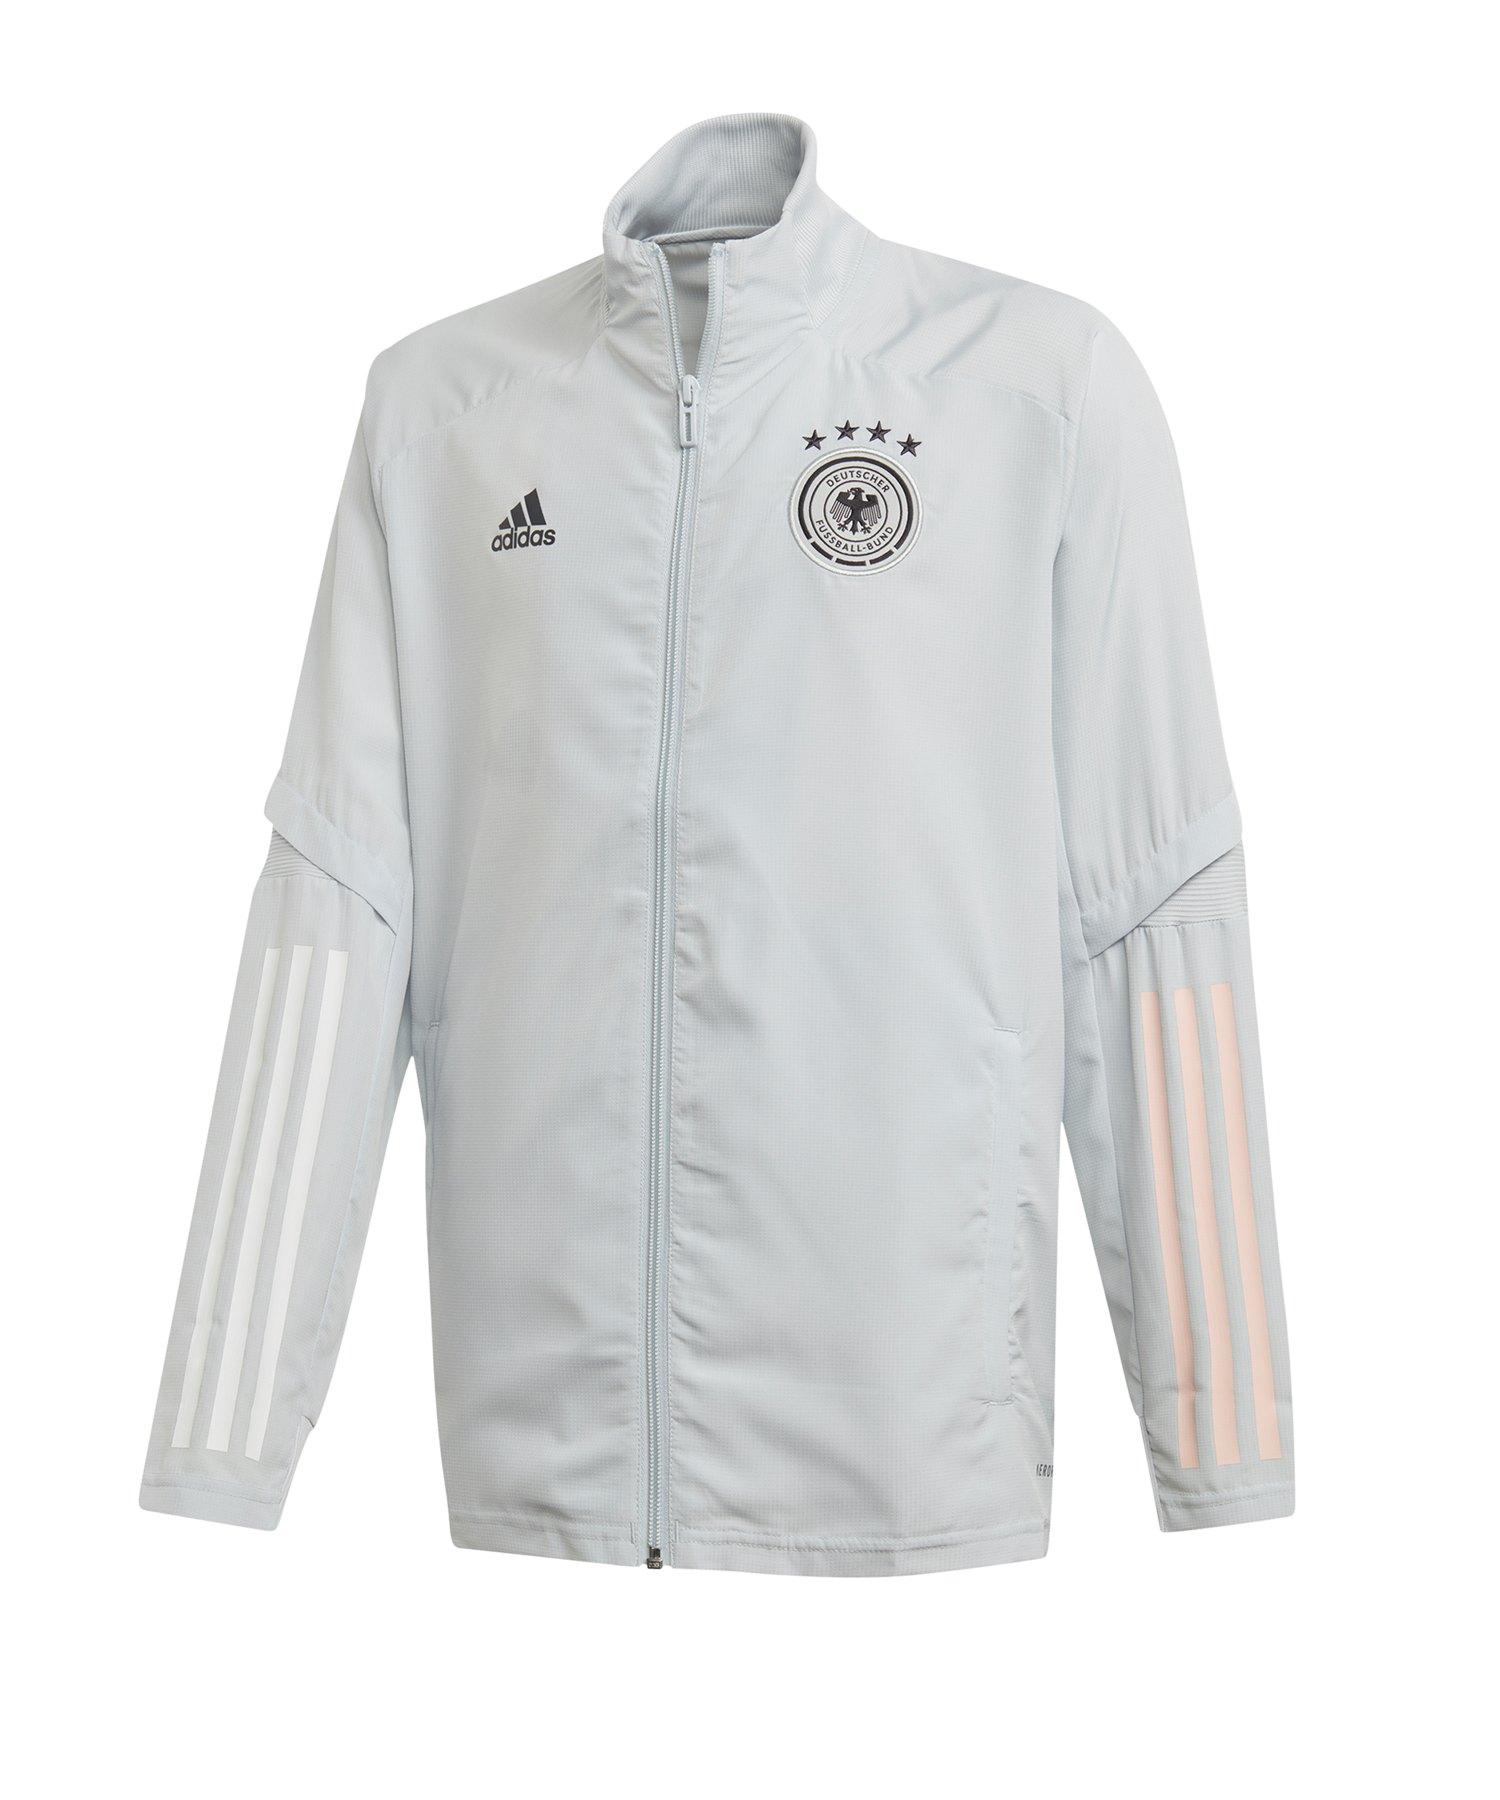 adidas DFB Deutschland Trainingsjacke Kids Weiss - weiss